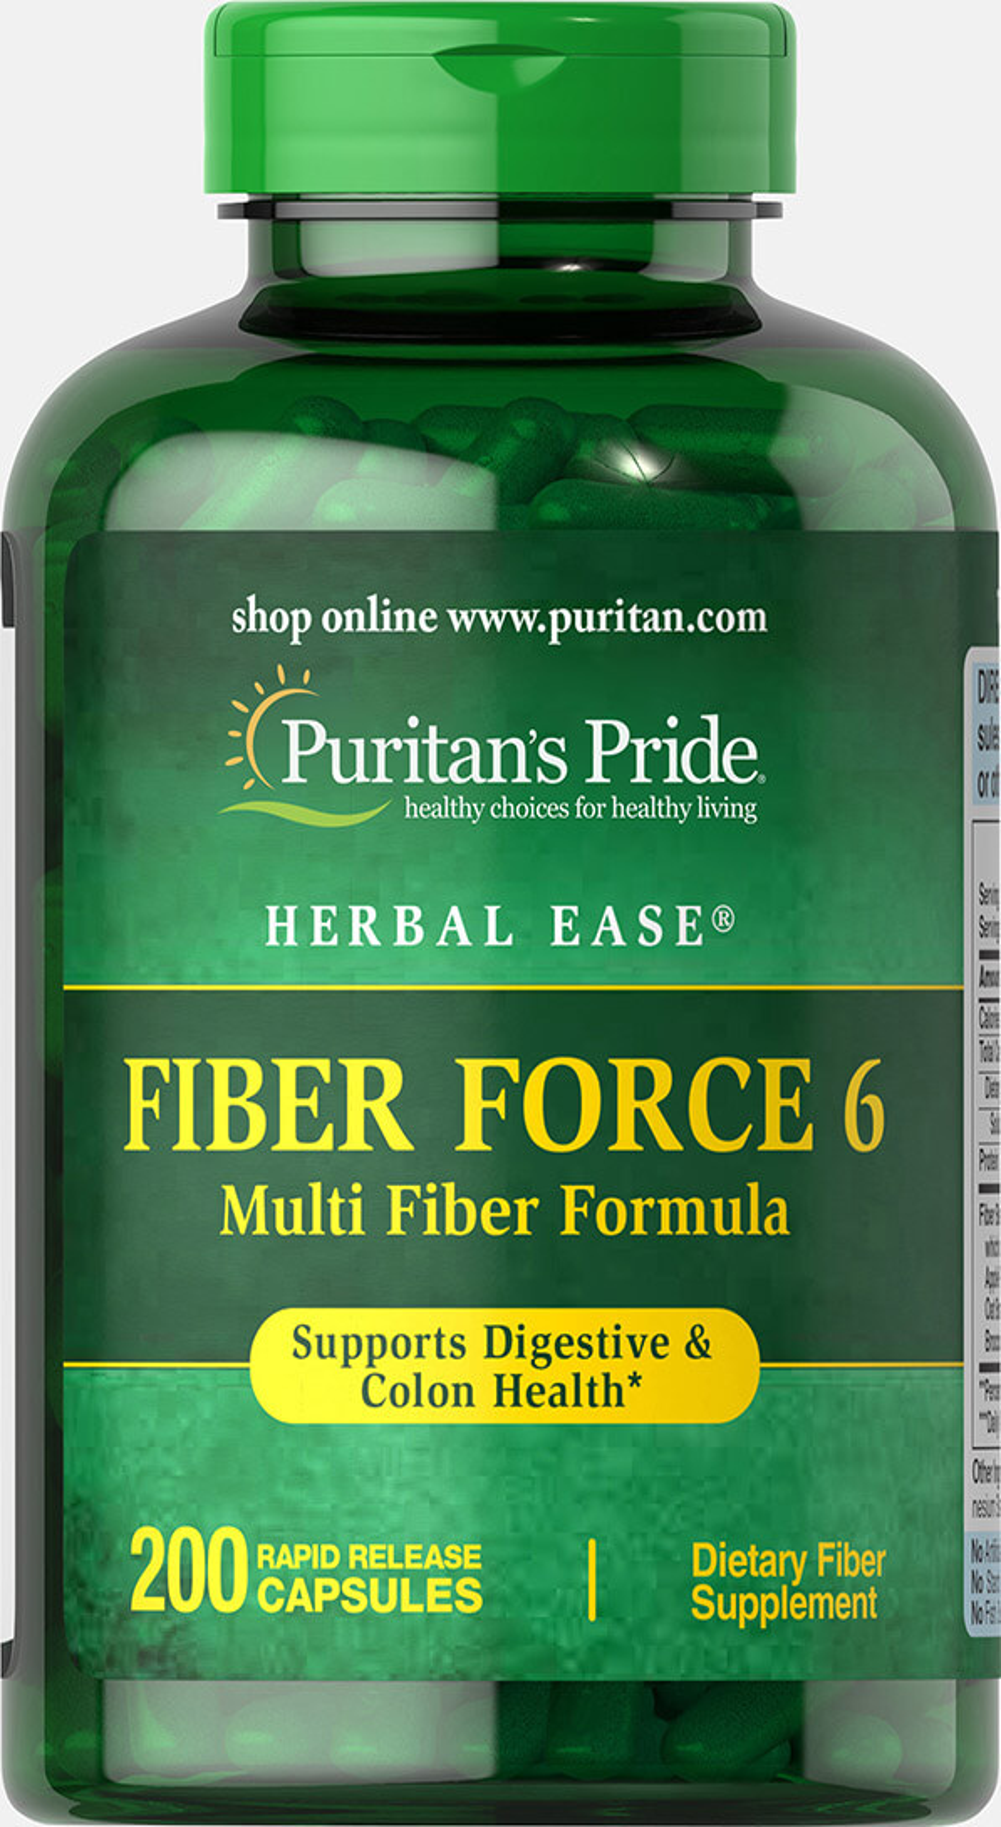 Puritan's Pride Fiber Force 6-200 Capsules